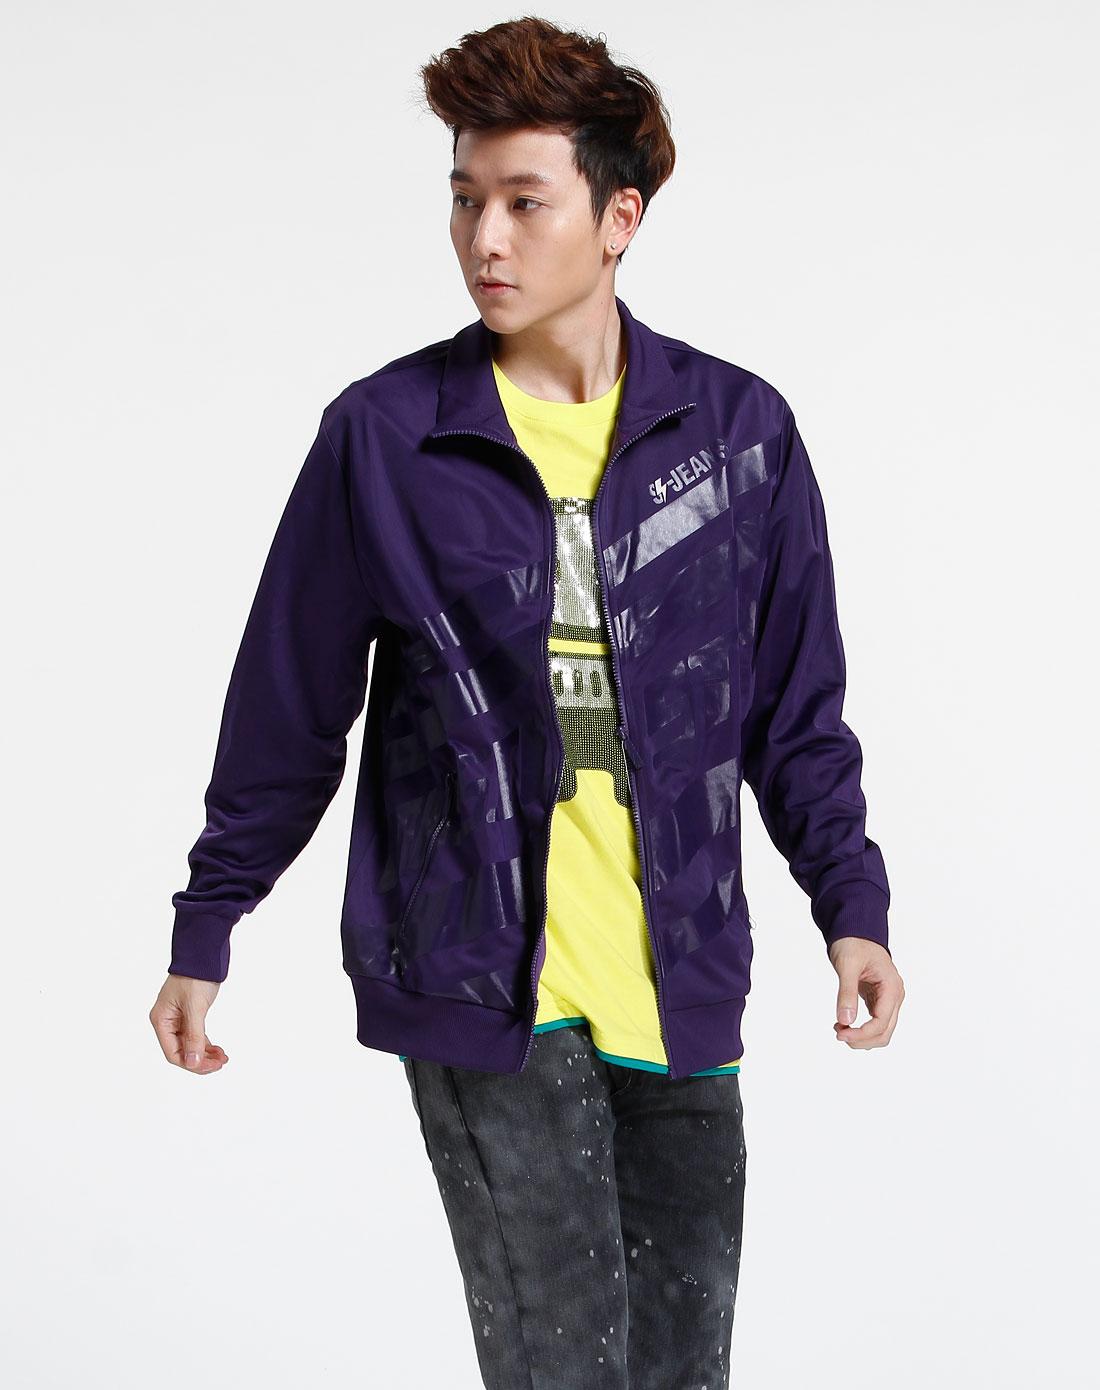 森马-男装-紫色长袖时尚外套图片